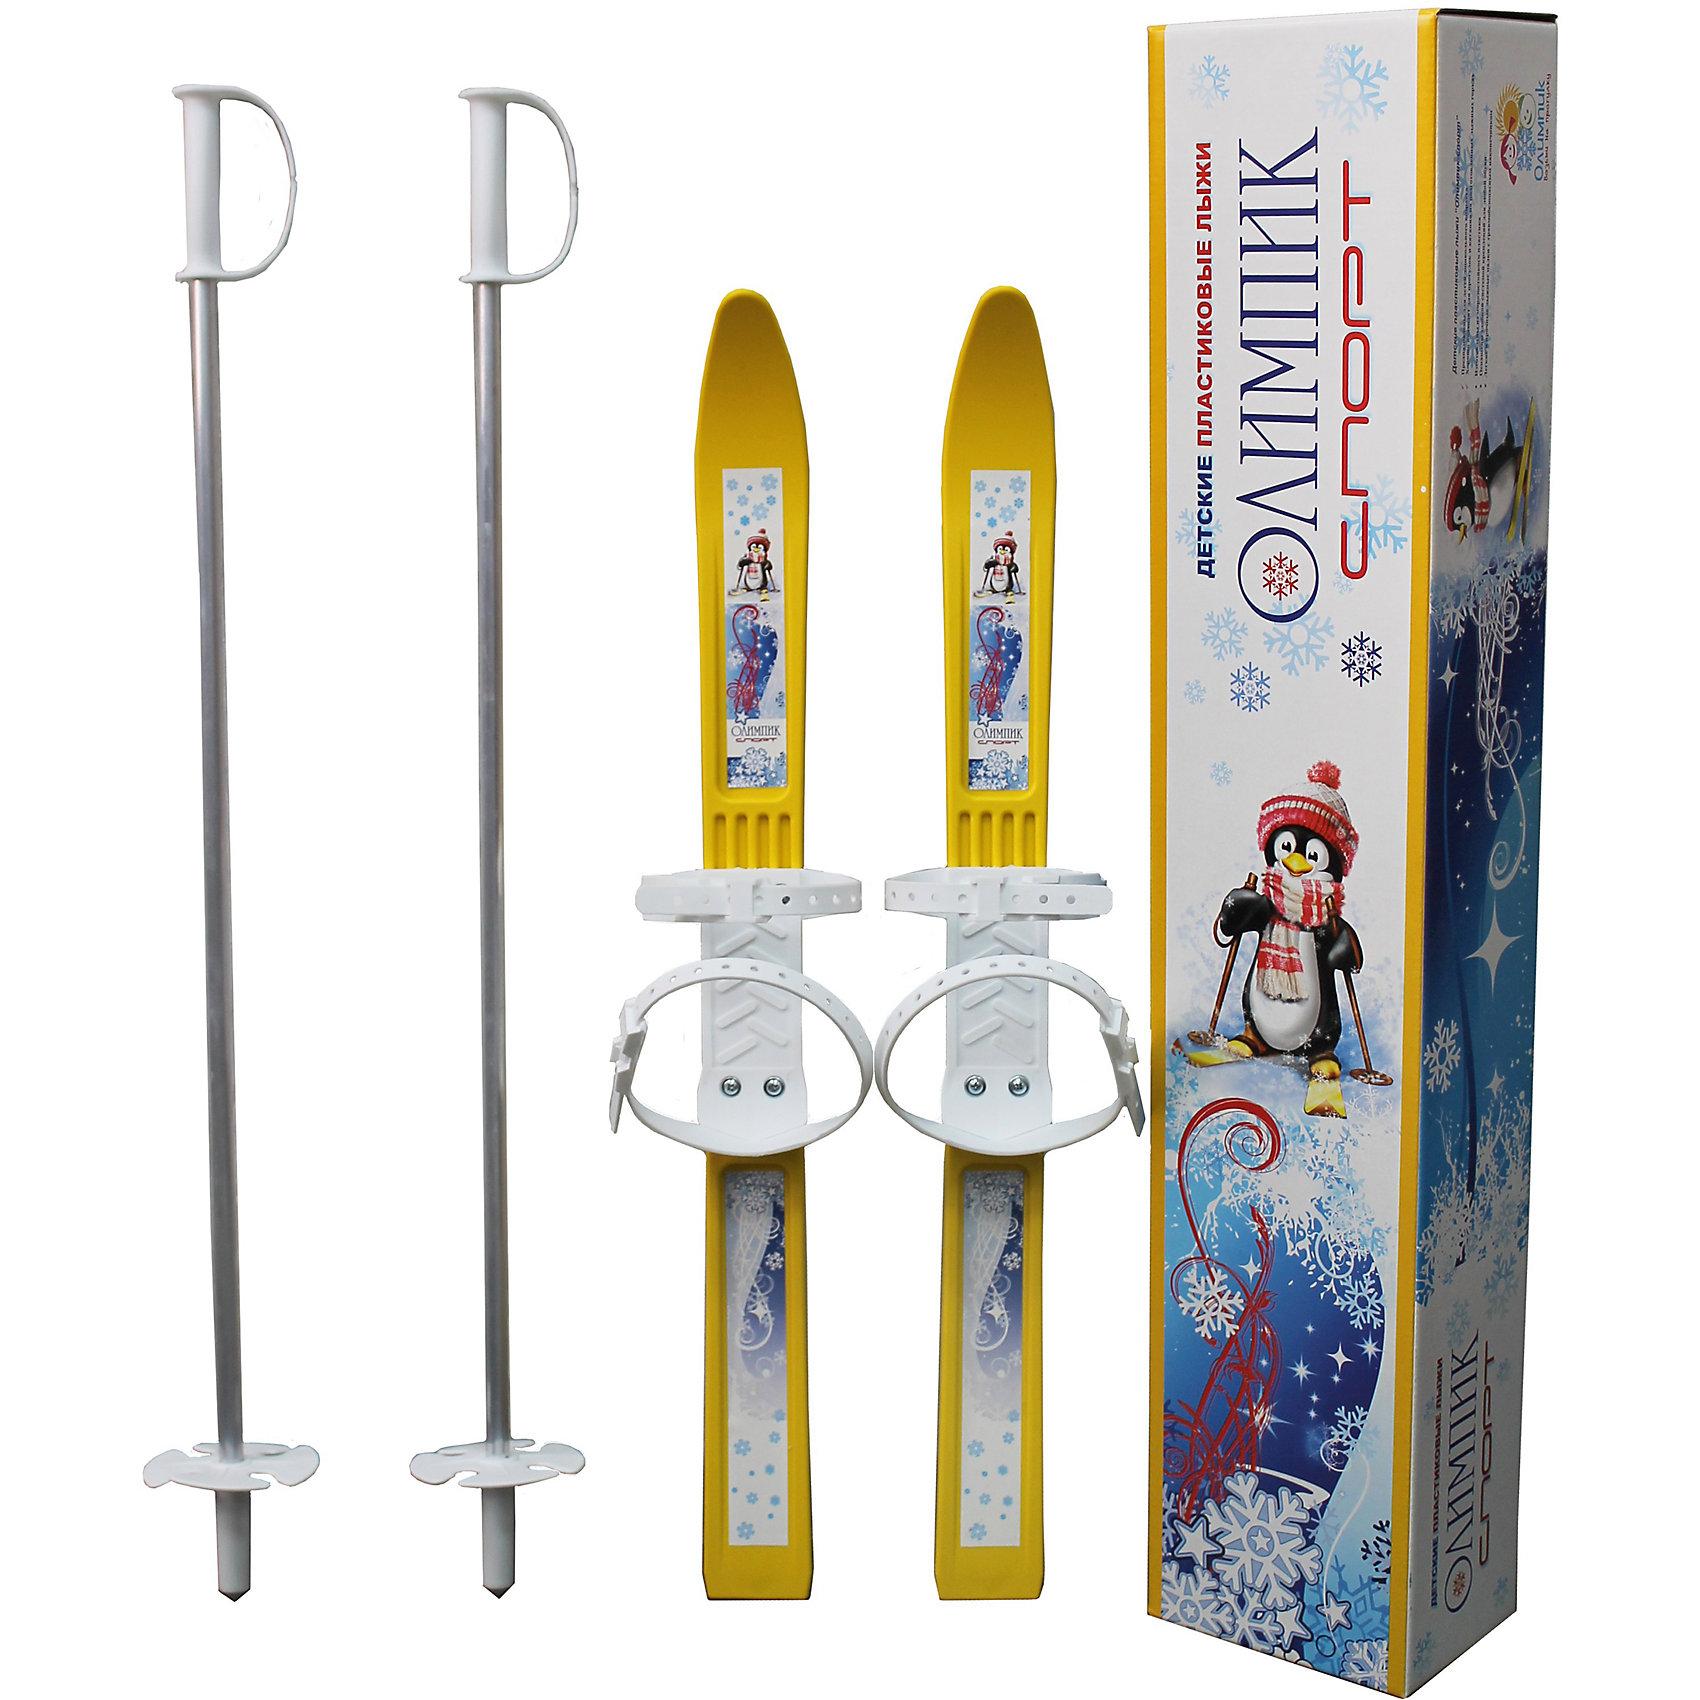 Цикл Лыжи детские «Олимпик-спорт» с палками